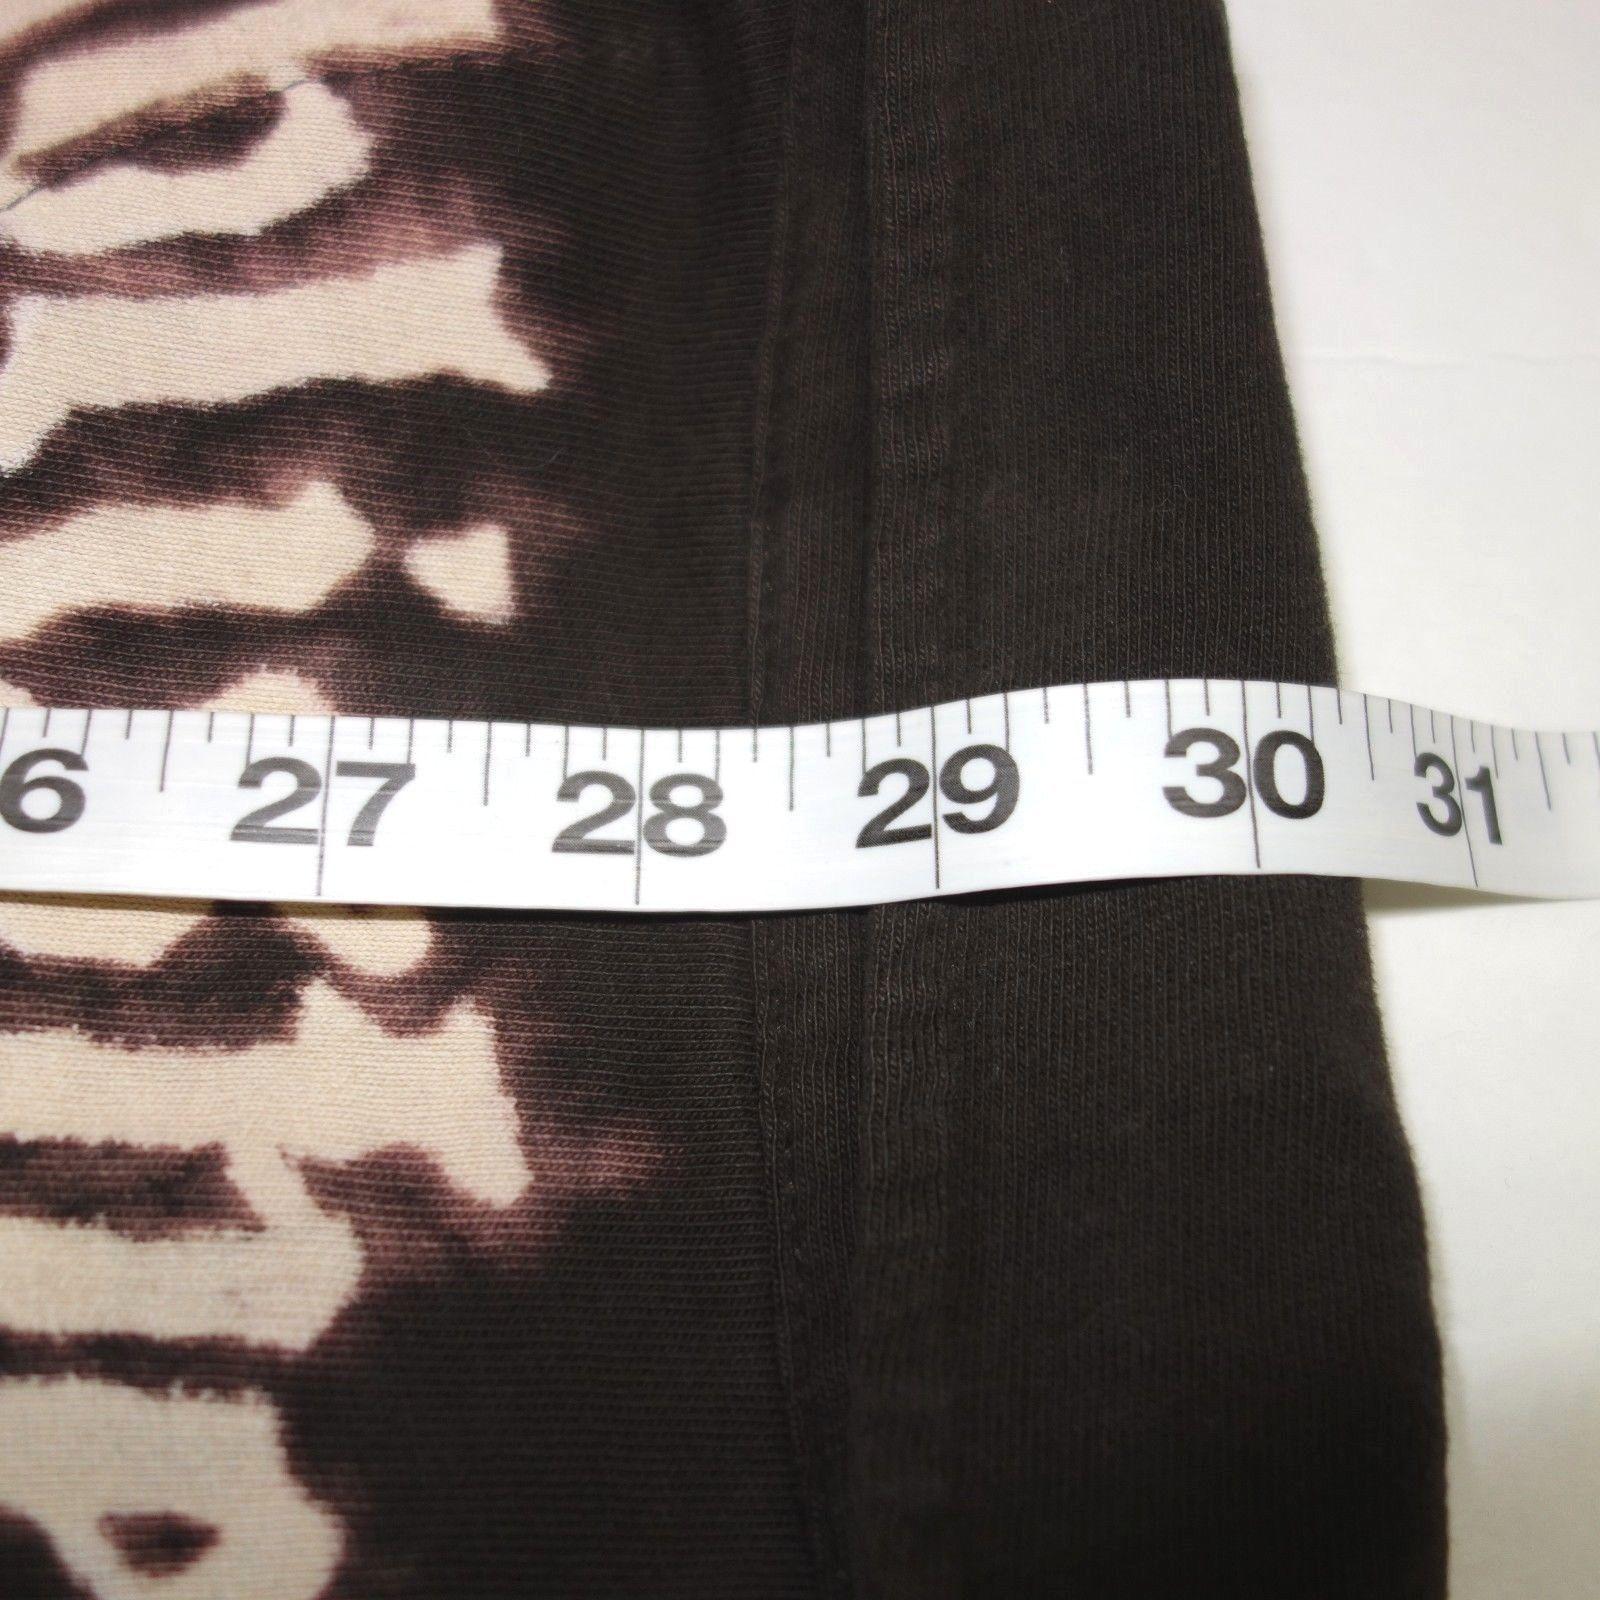 Gap Pocket Polo Shirt Men's Large Brown Cotton Bleached Design Established 1969 image 9